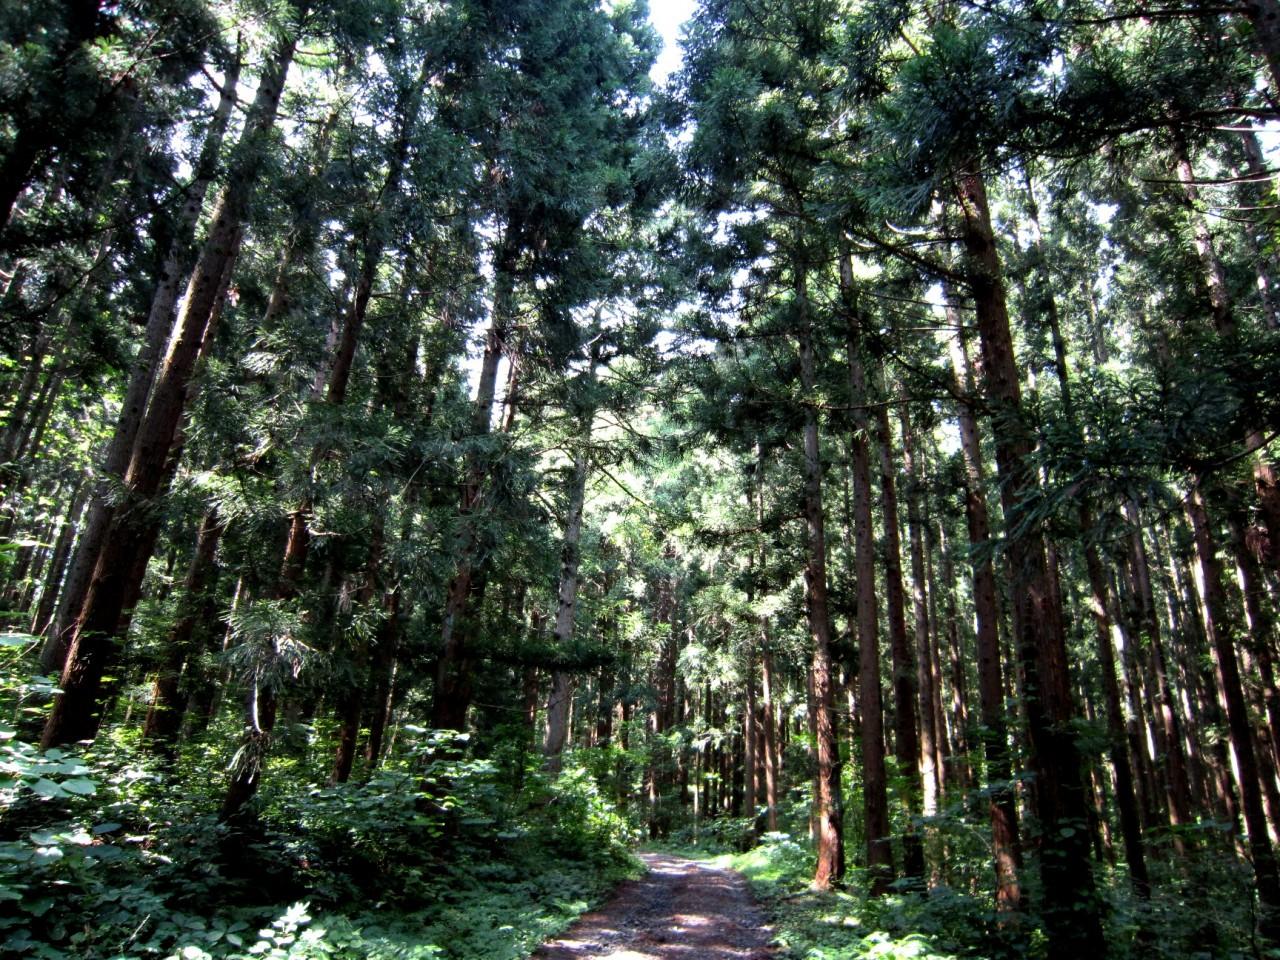 青森 風景 夏 津軽 弘前市 三十三観音 久渡寺 自然 森林 木漏れ日 山道